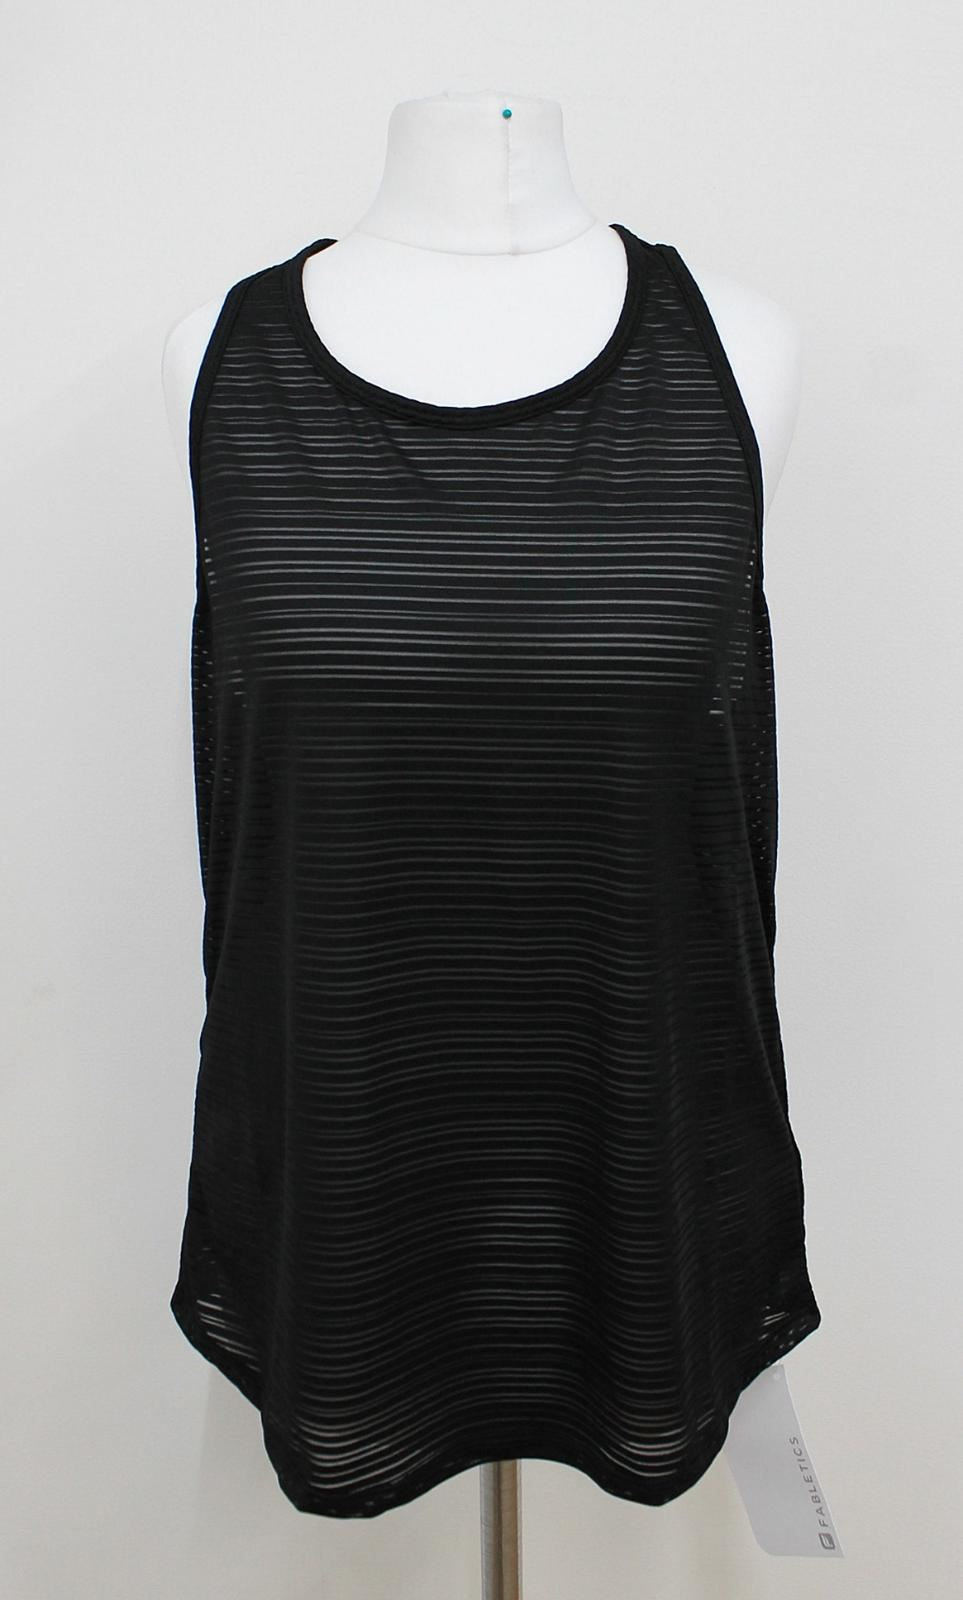 M/&S Noir Superfine coton full cup T-Shirt Soutien-gorge 34 A 34E 34DD 36D 36E 38 A 38DD